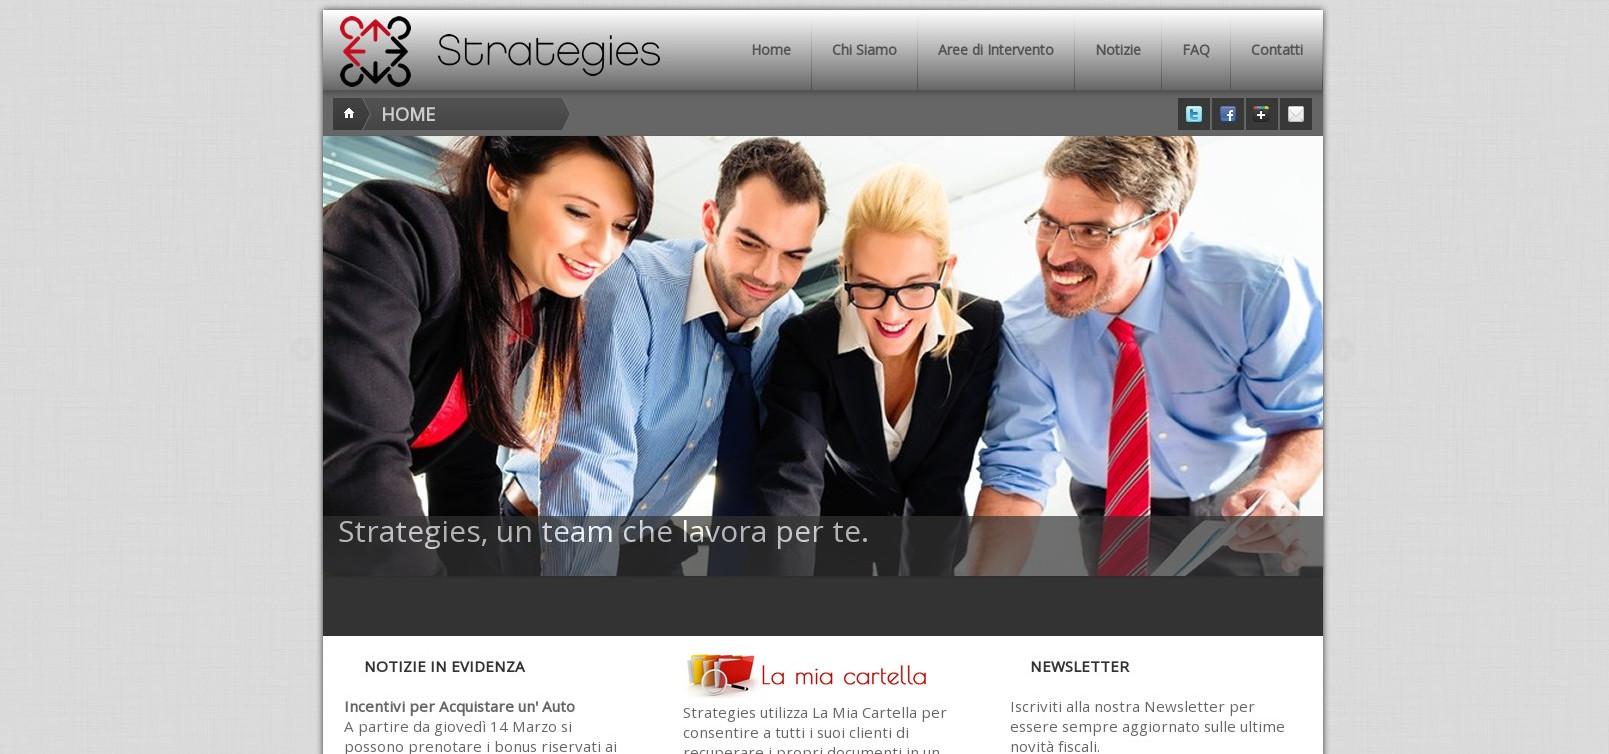 Strategies, Consulenza aziendale, fiscale e tributaria